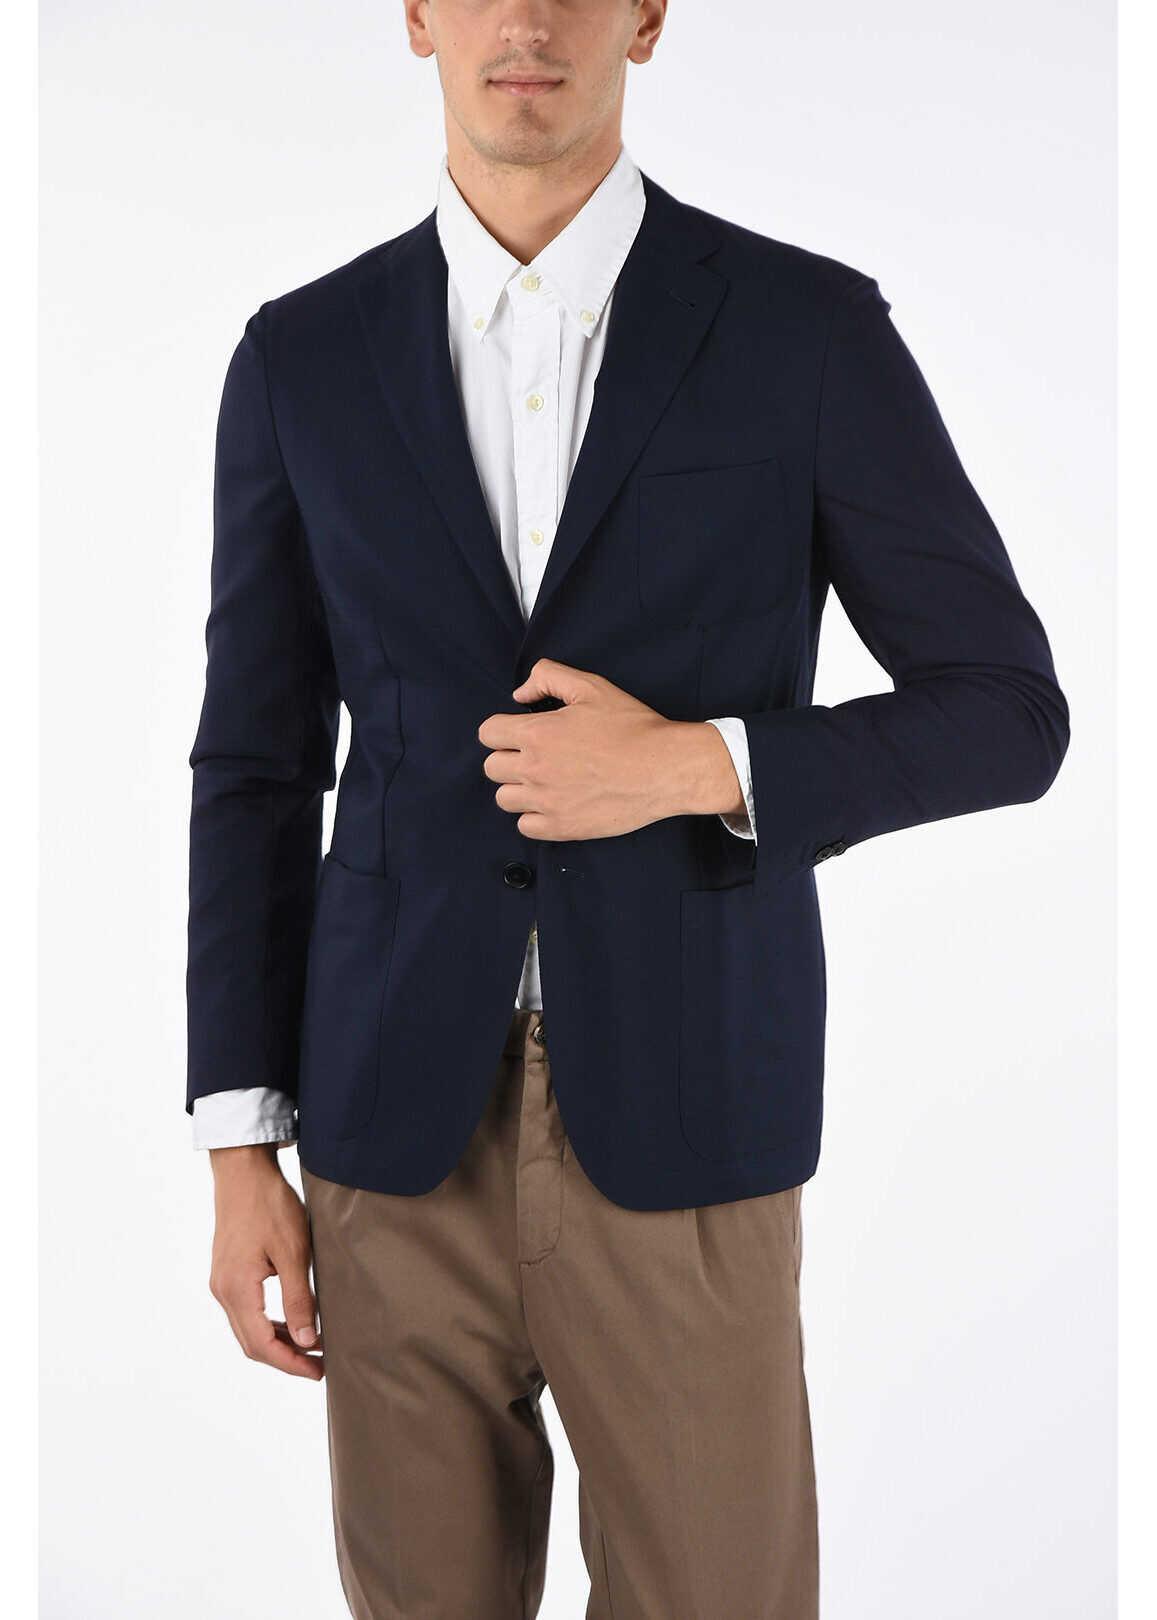 CORNELIANI ID overcheck twill side vents 2-button blazer BLUE imagine